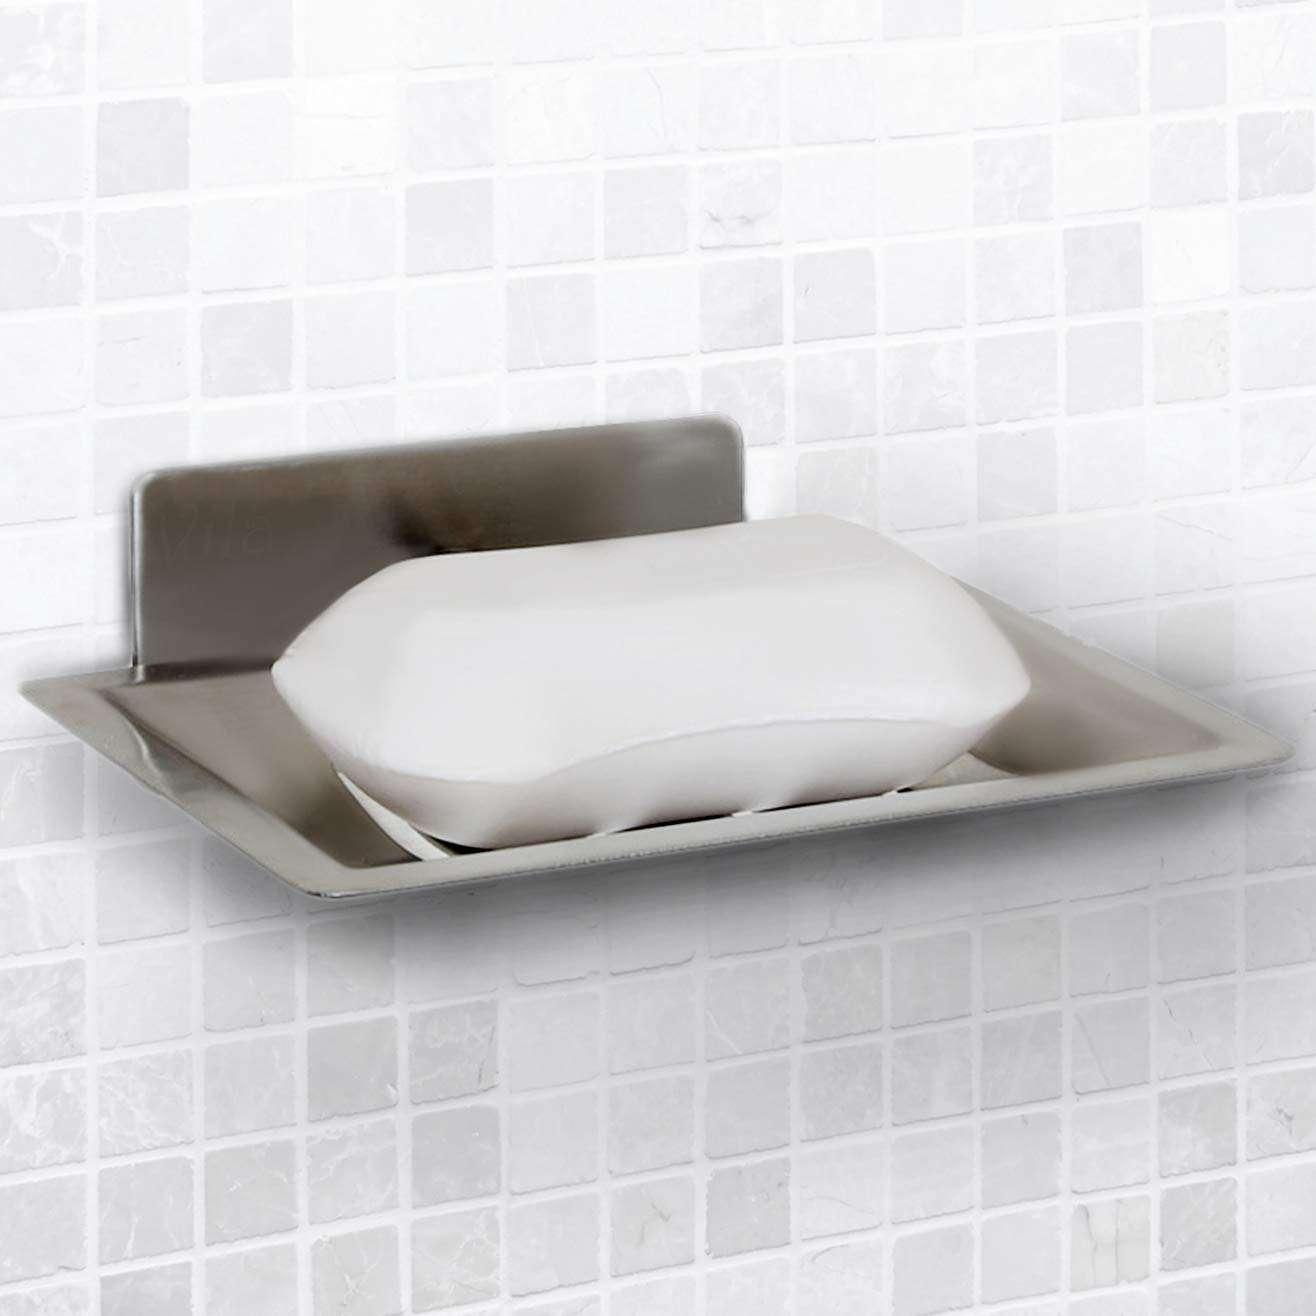 淋浴香皂盘 制造商